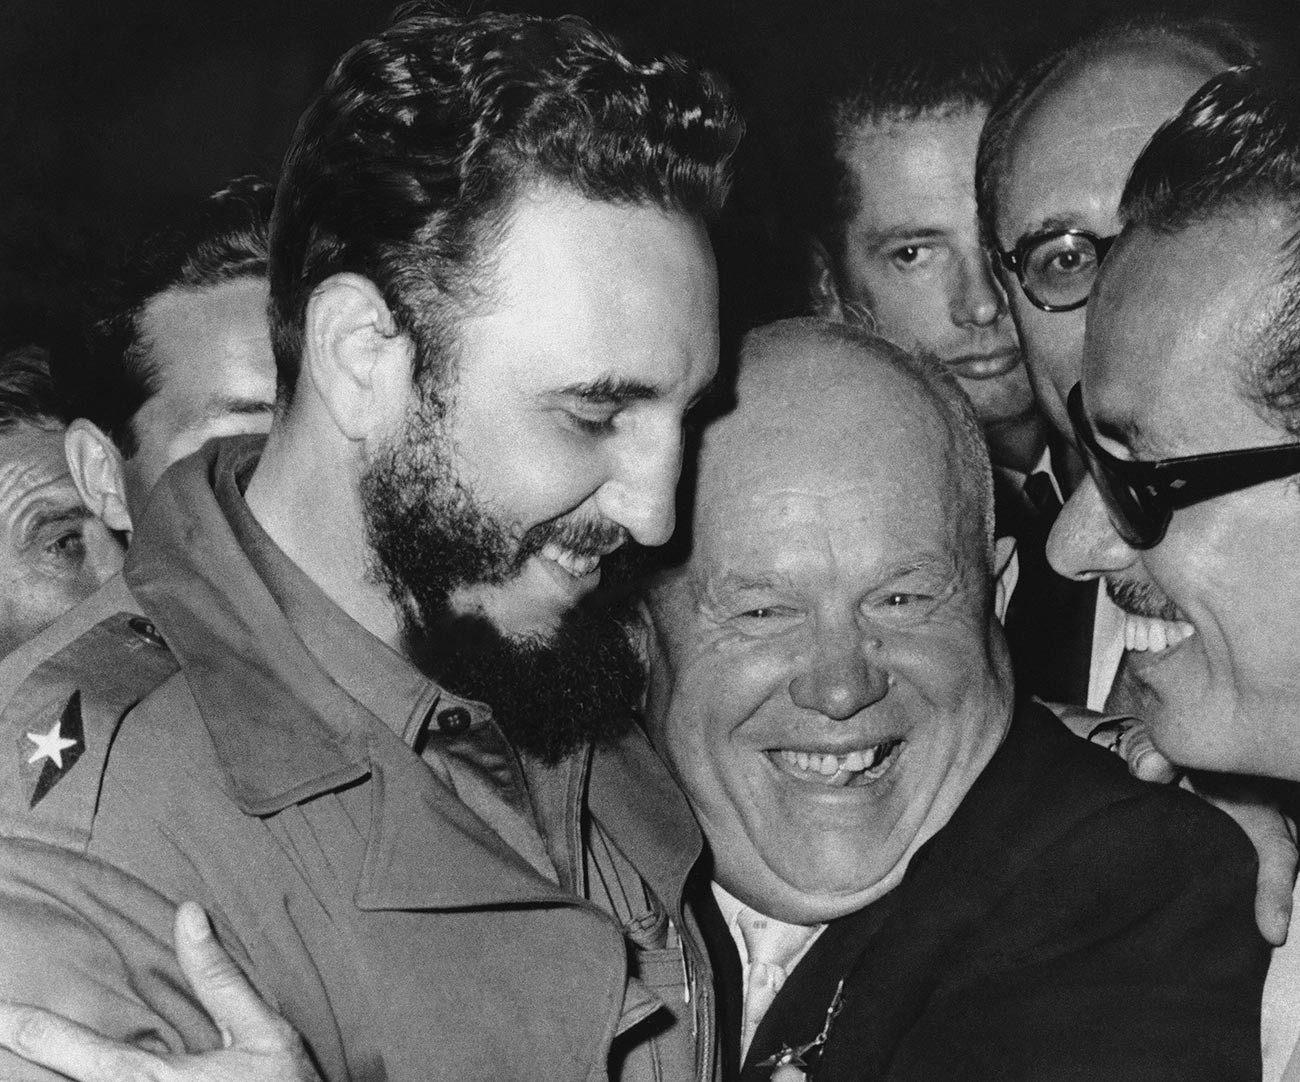 In una foto del 20 settembre 1960, il leader cubano Fidel Castro, a sinistra, incontra il leader sovietico Nikita Khrushchev alle Nazioni Unite